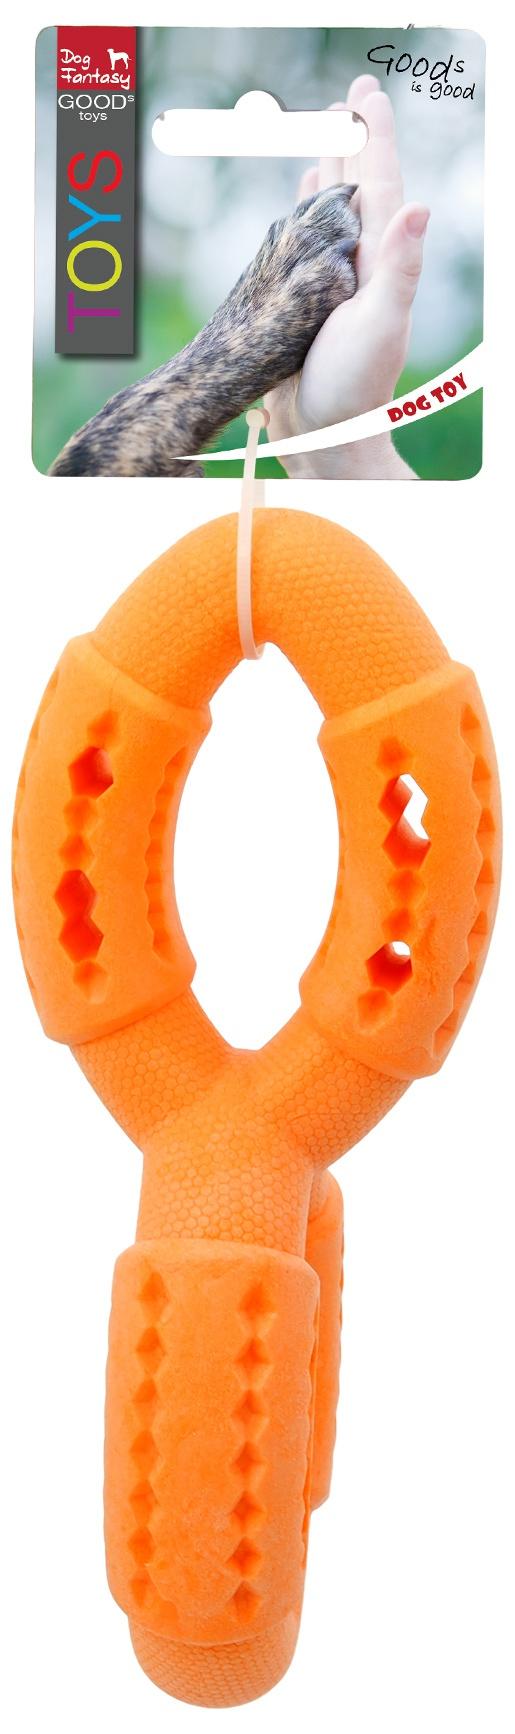 Игрушка для собак - Dog Fantasy Good's Rubber Strong TPR double ring, 19 cm, цвет - оранжевый